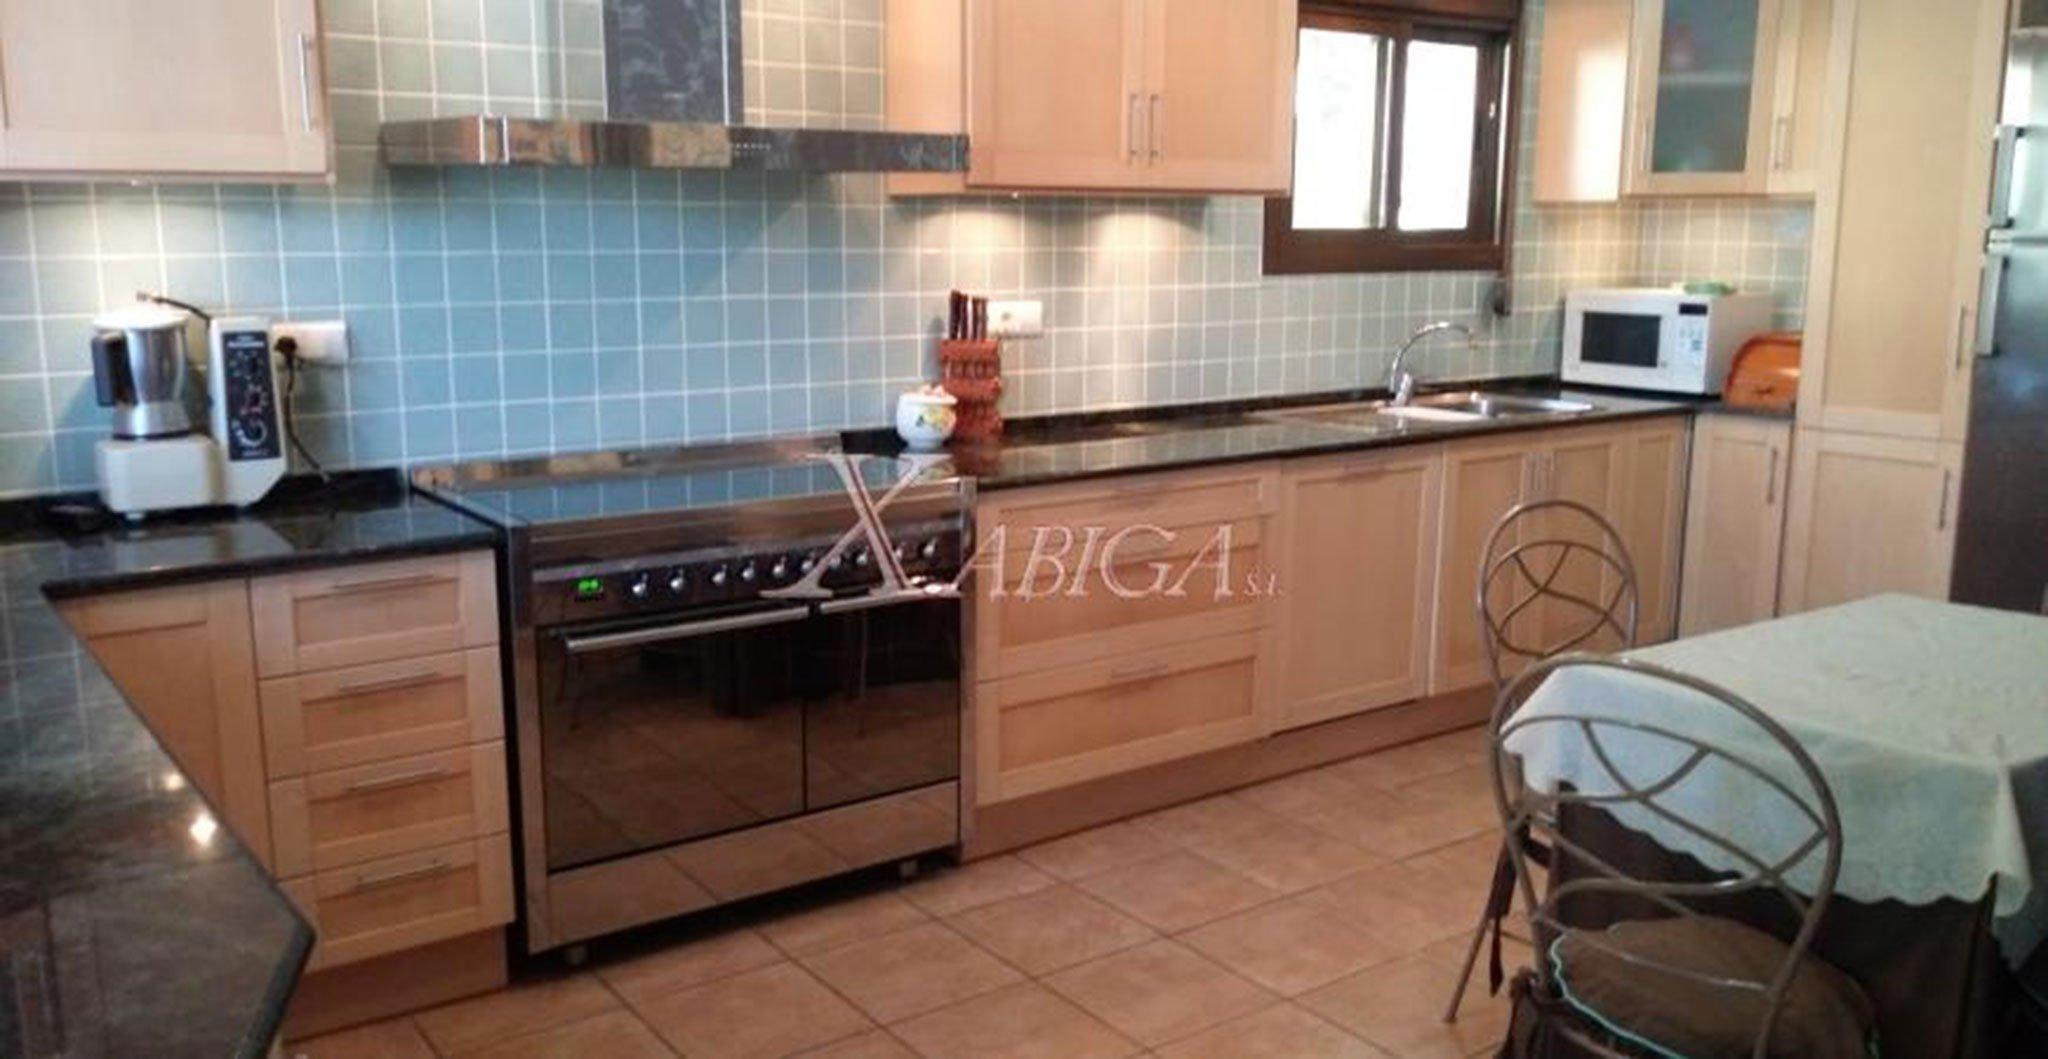 Cocina amplia en una casa en venta muy cerca del puerto de Jávea – Xabiga Inmobiliaria